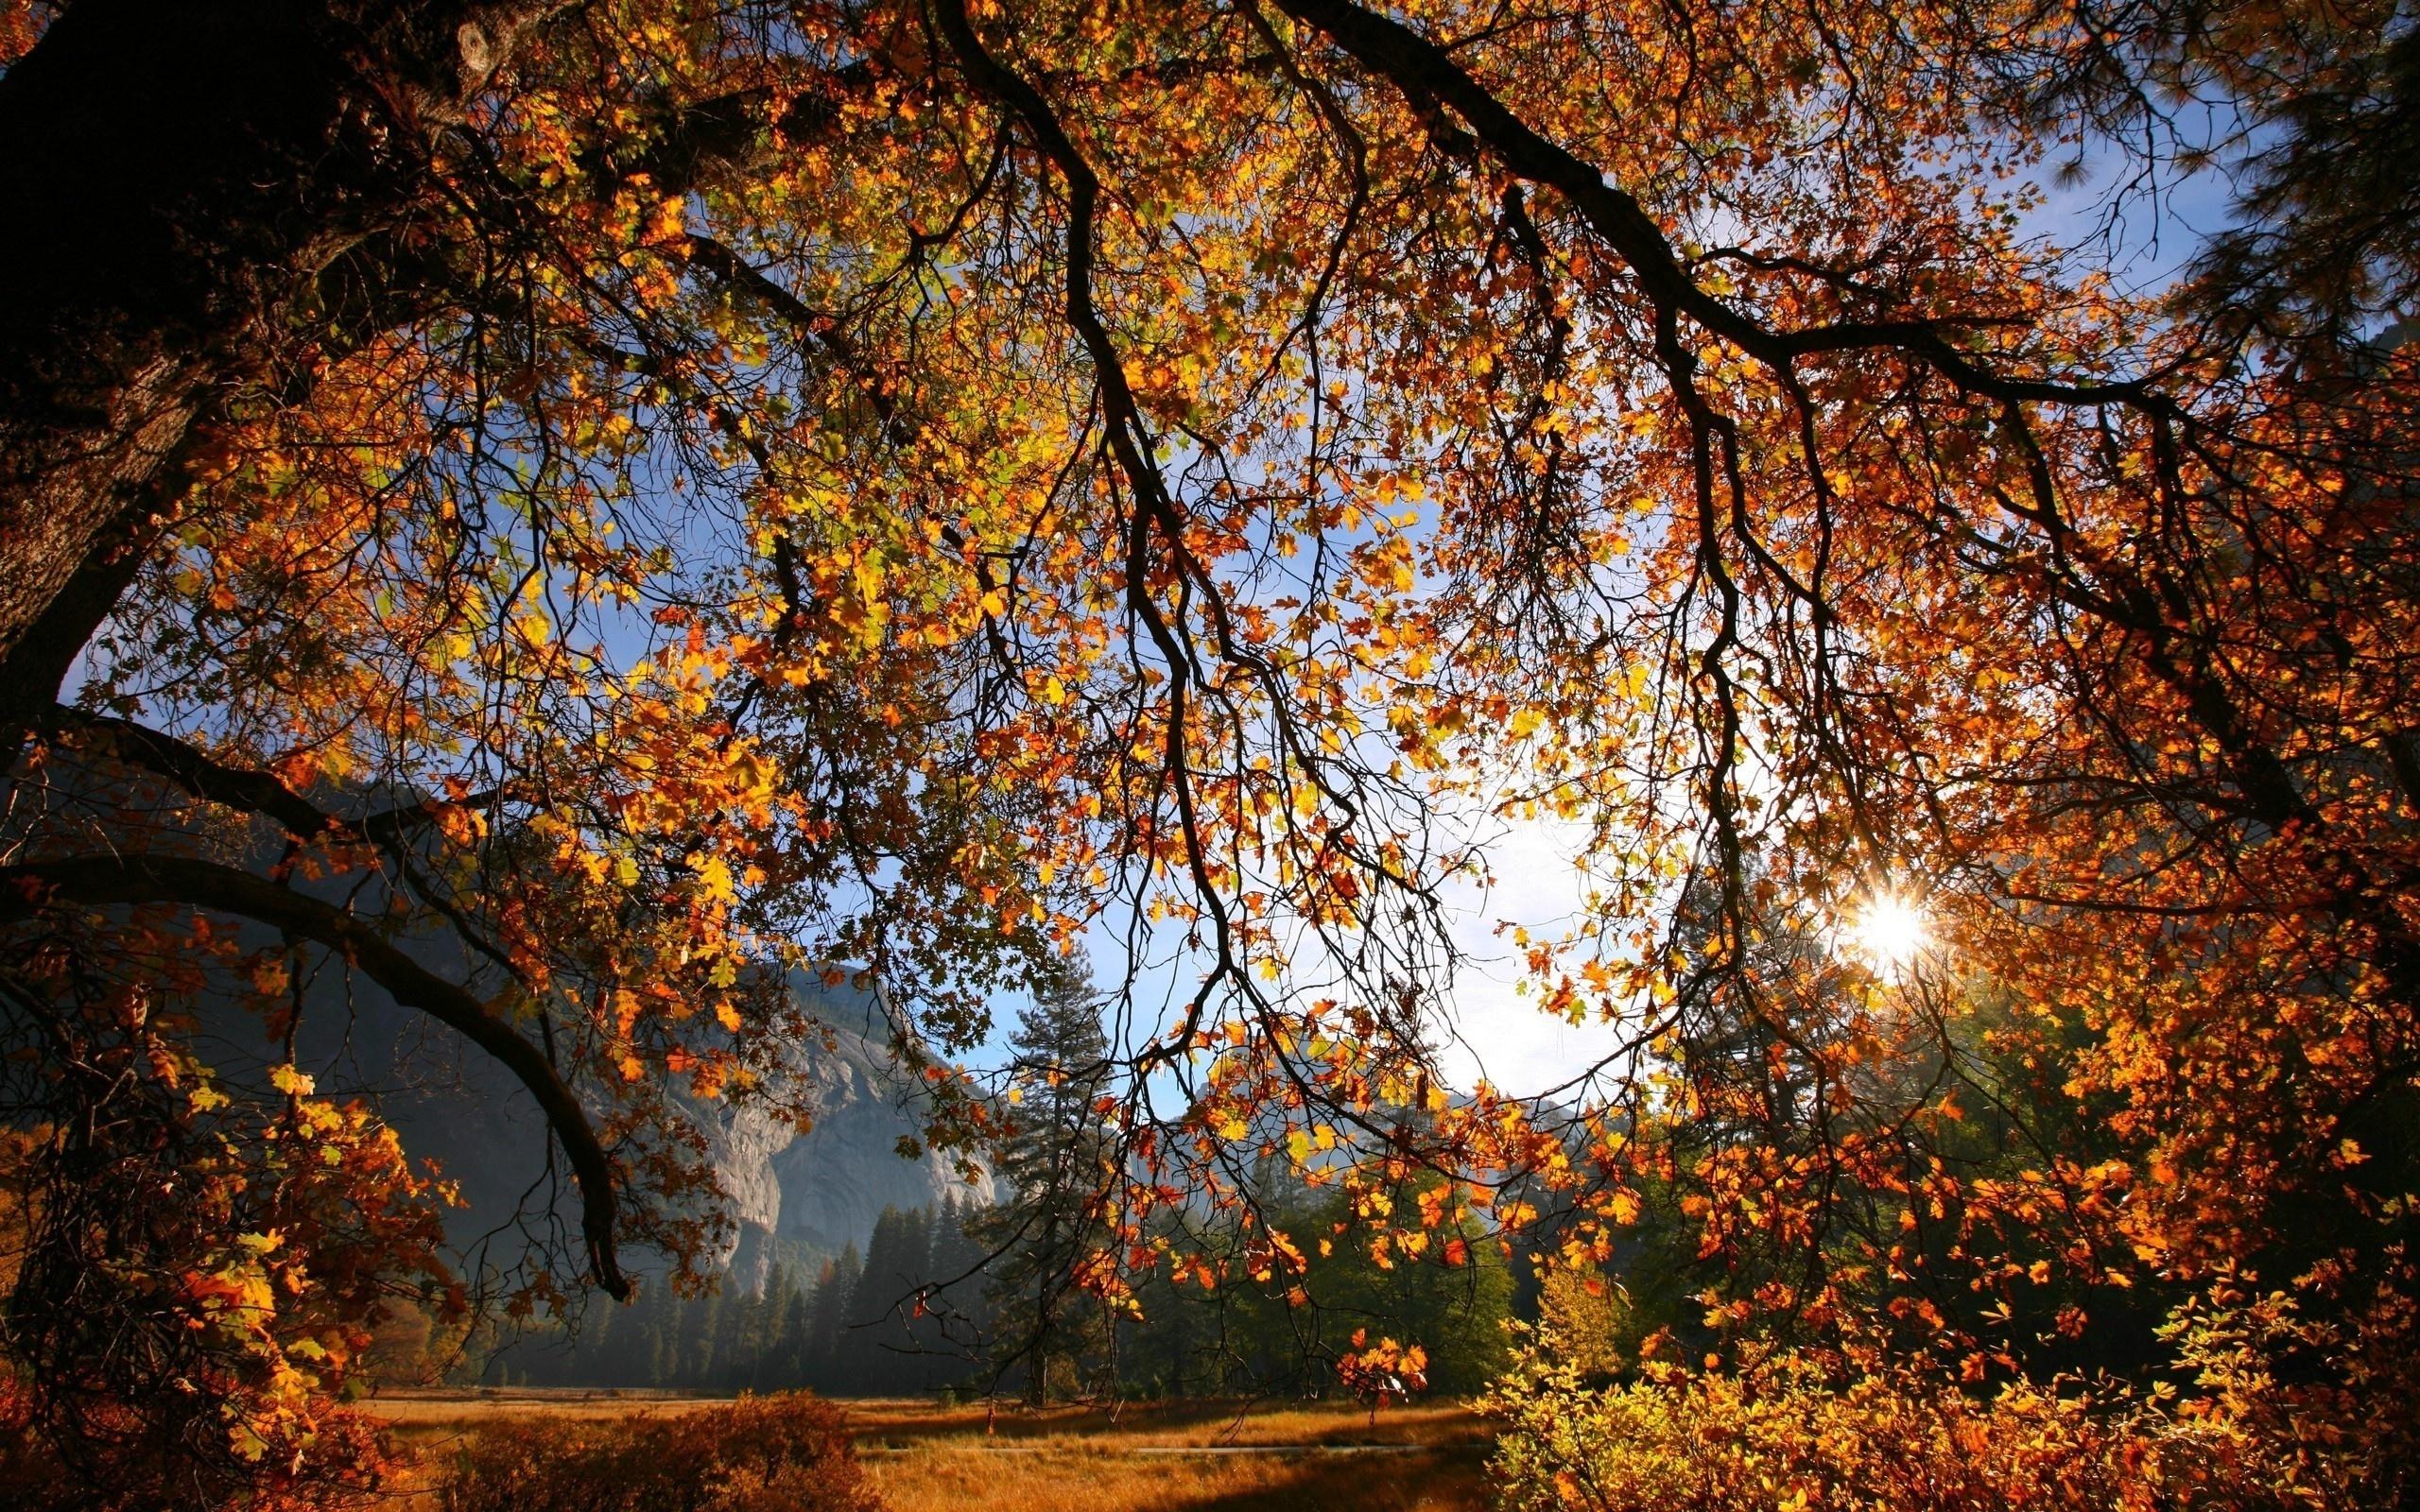 картинки золотая осень в высоком разрешении самая